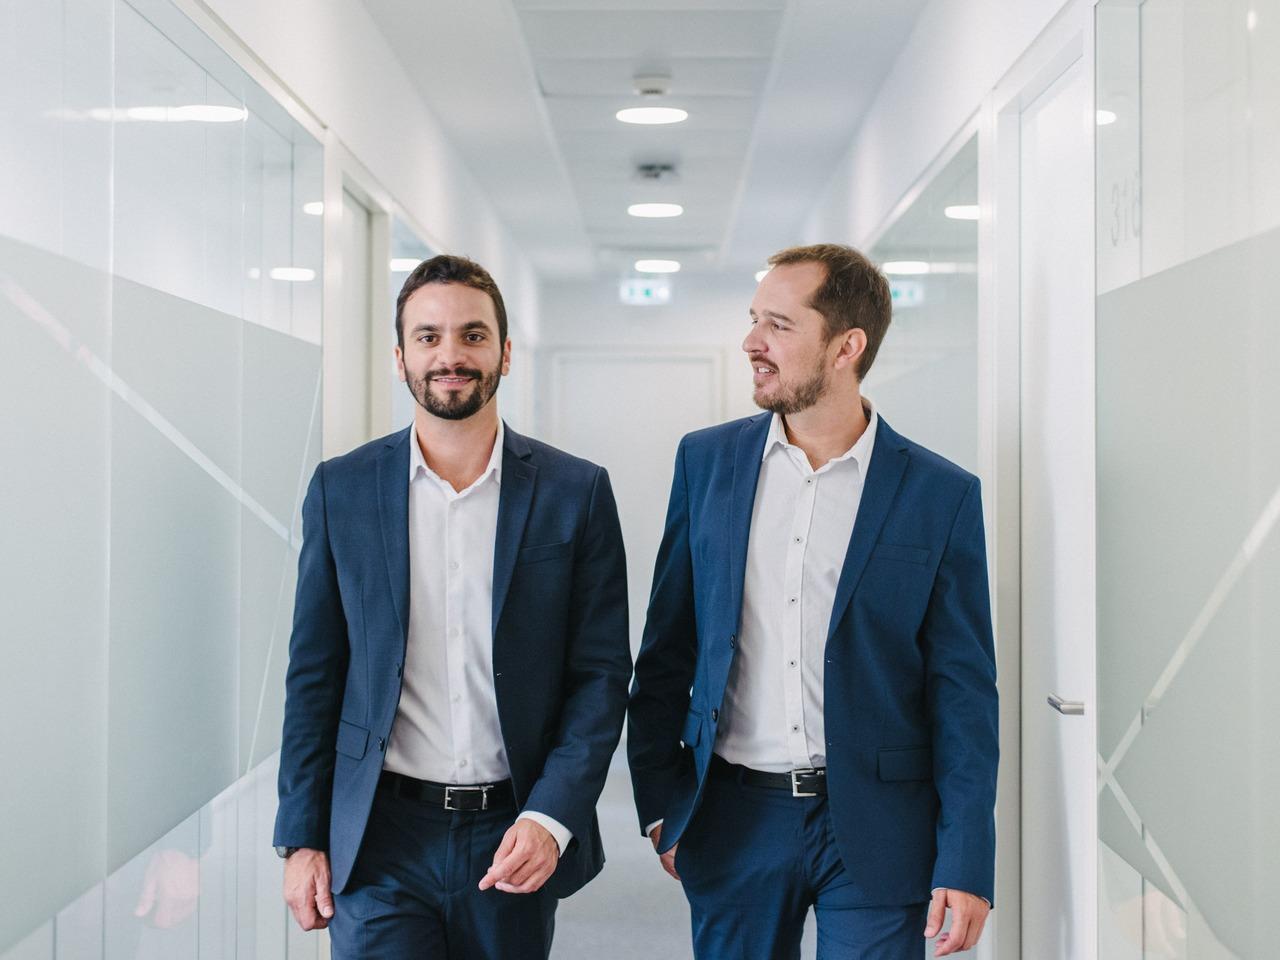 Renato Martins e Thiago Huver são sócios da consultoria Martins Castro, especializada em obtenção de cidadania portuguesa via sefardita. (Foto: Arquivo pessoal)